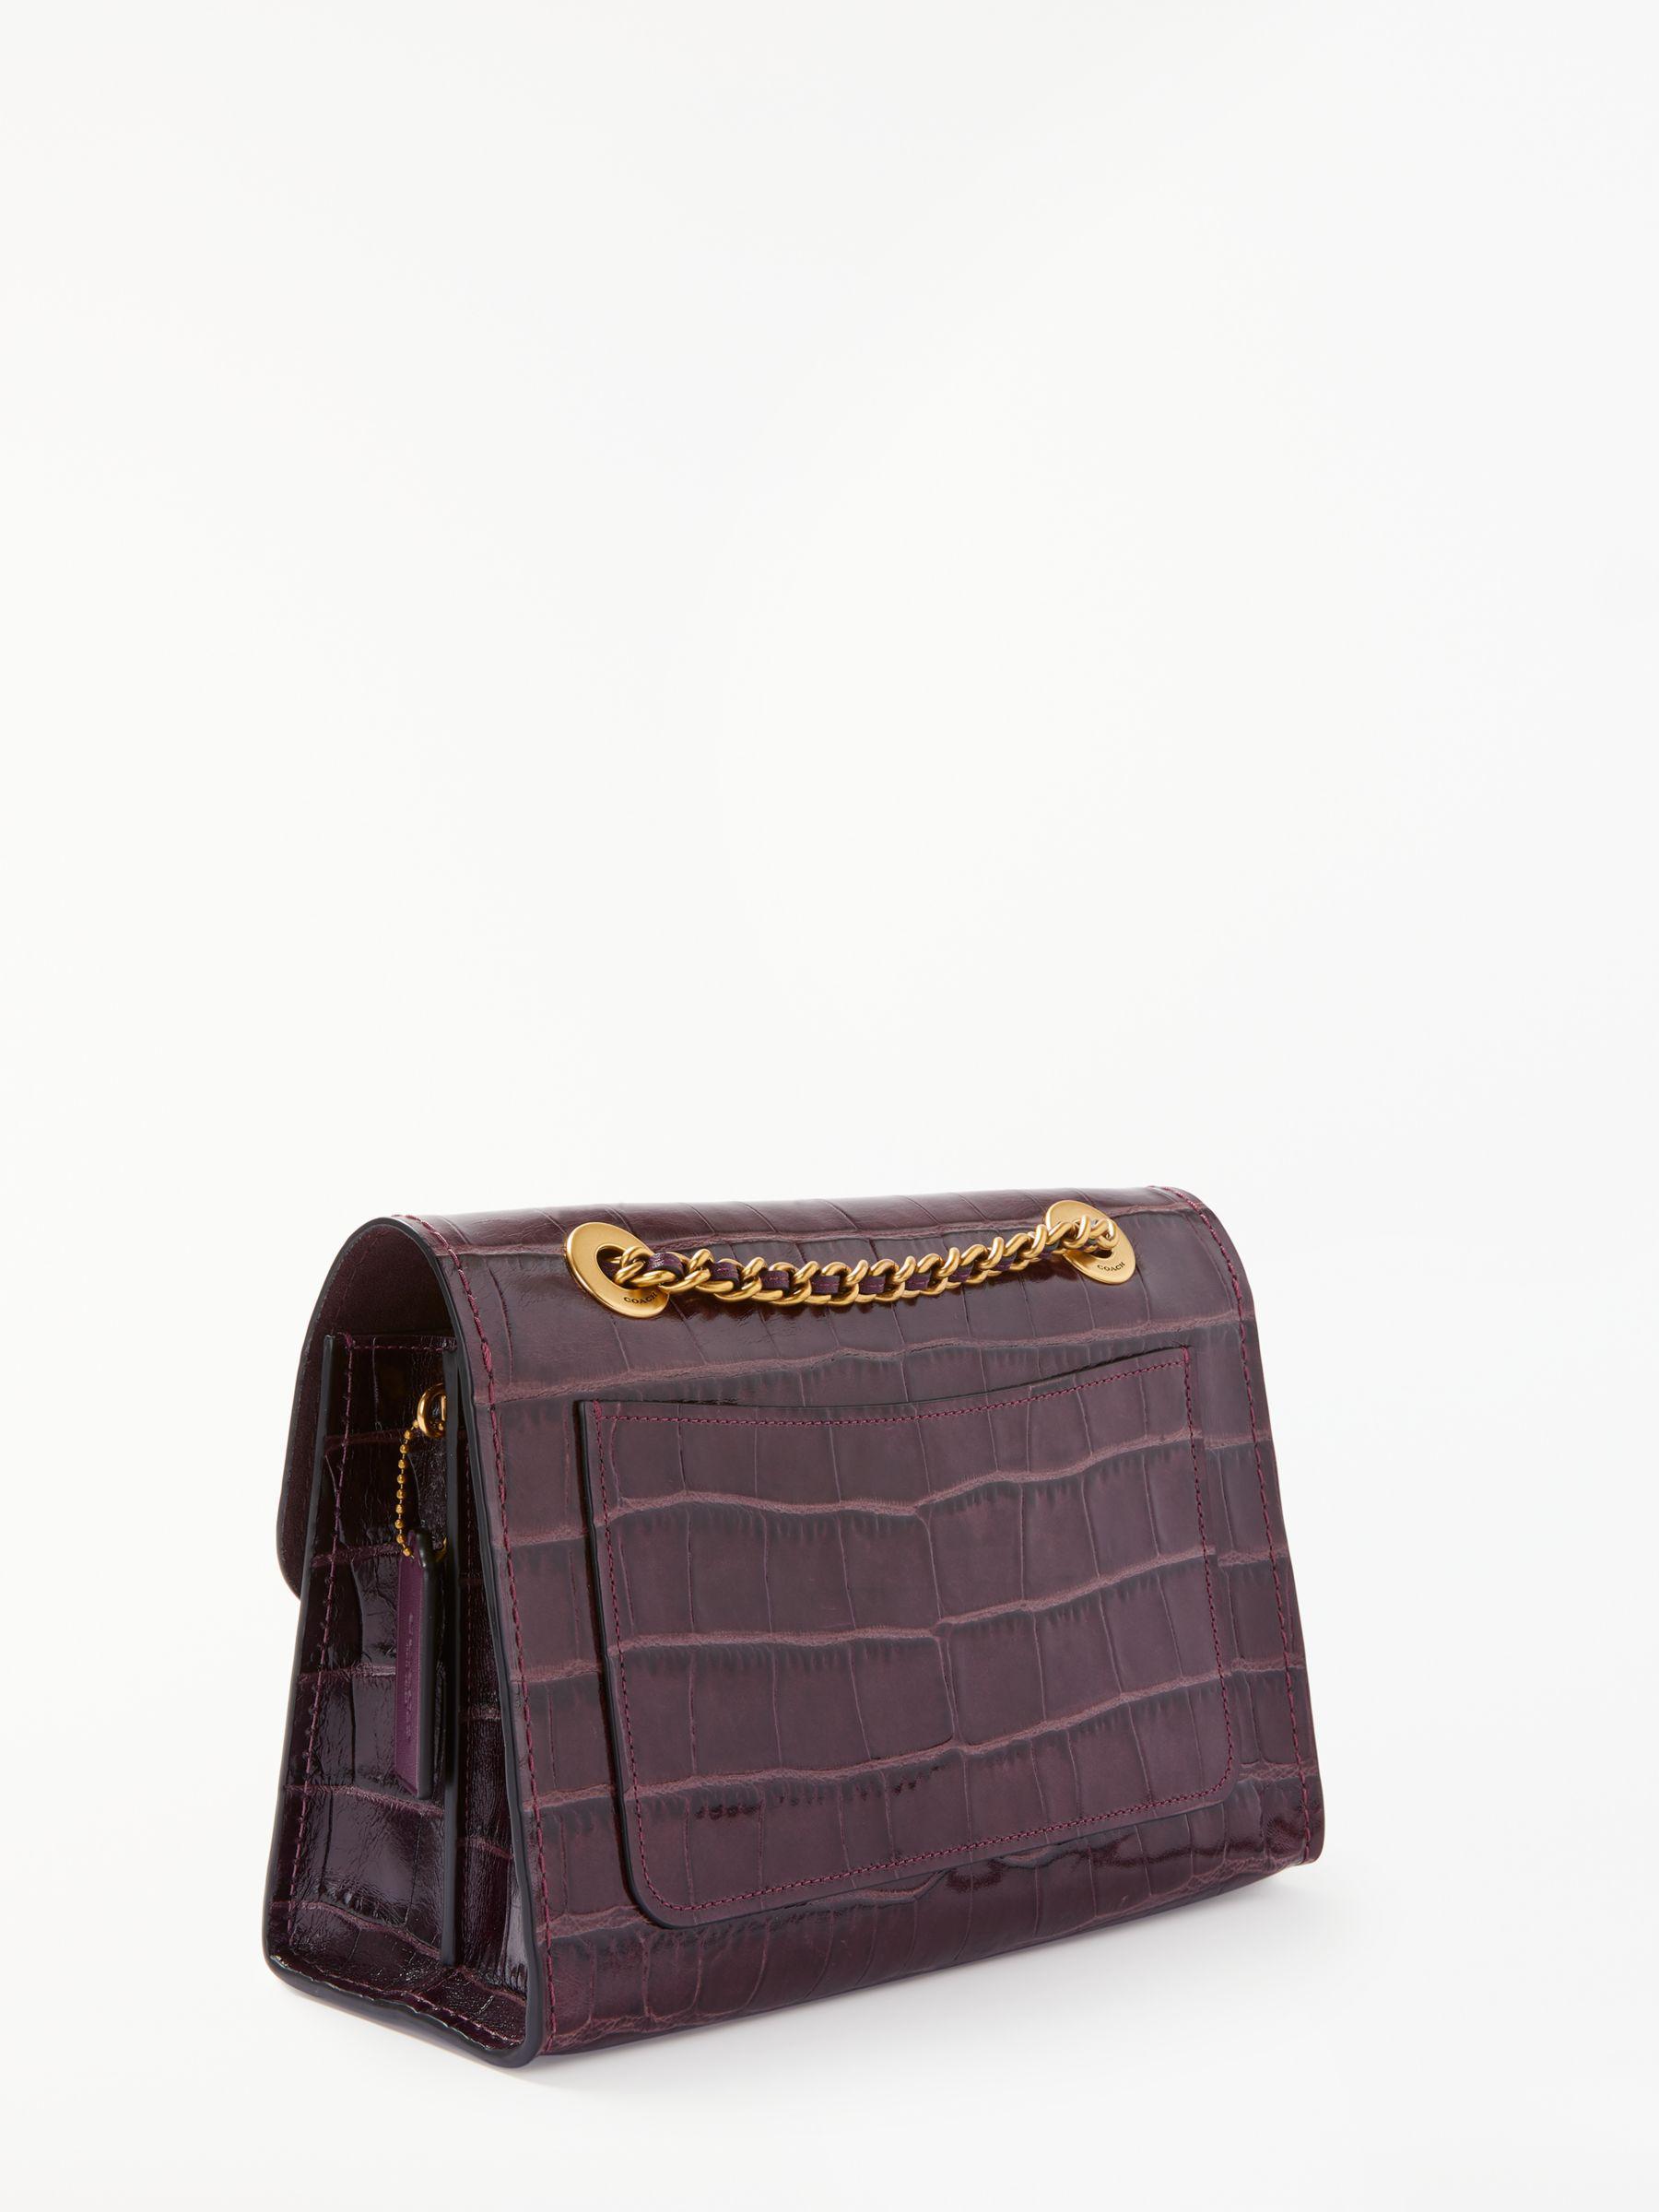 a686de3d1c36 COACH Embossed Croc Parker Leather Shoulder Bag in Purple - Lyst